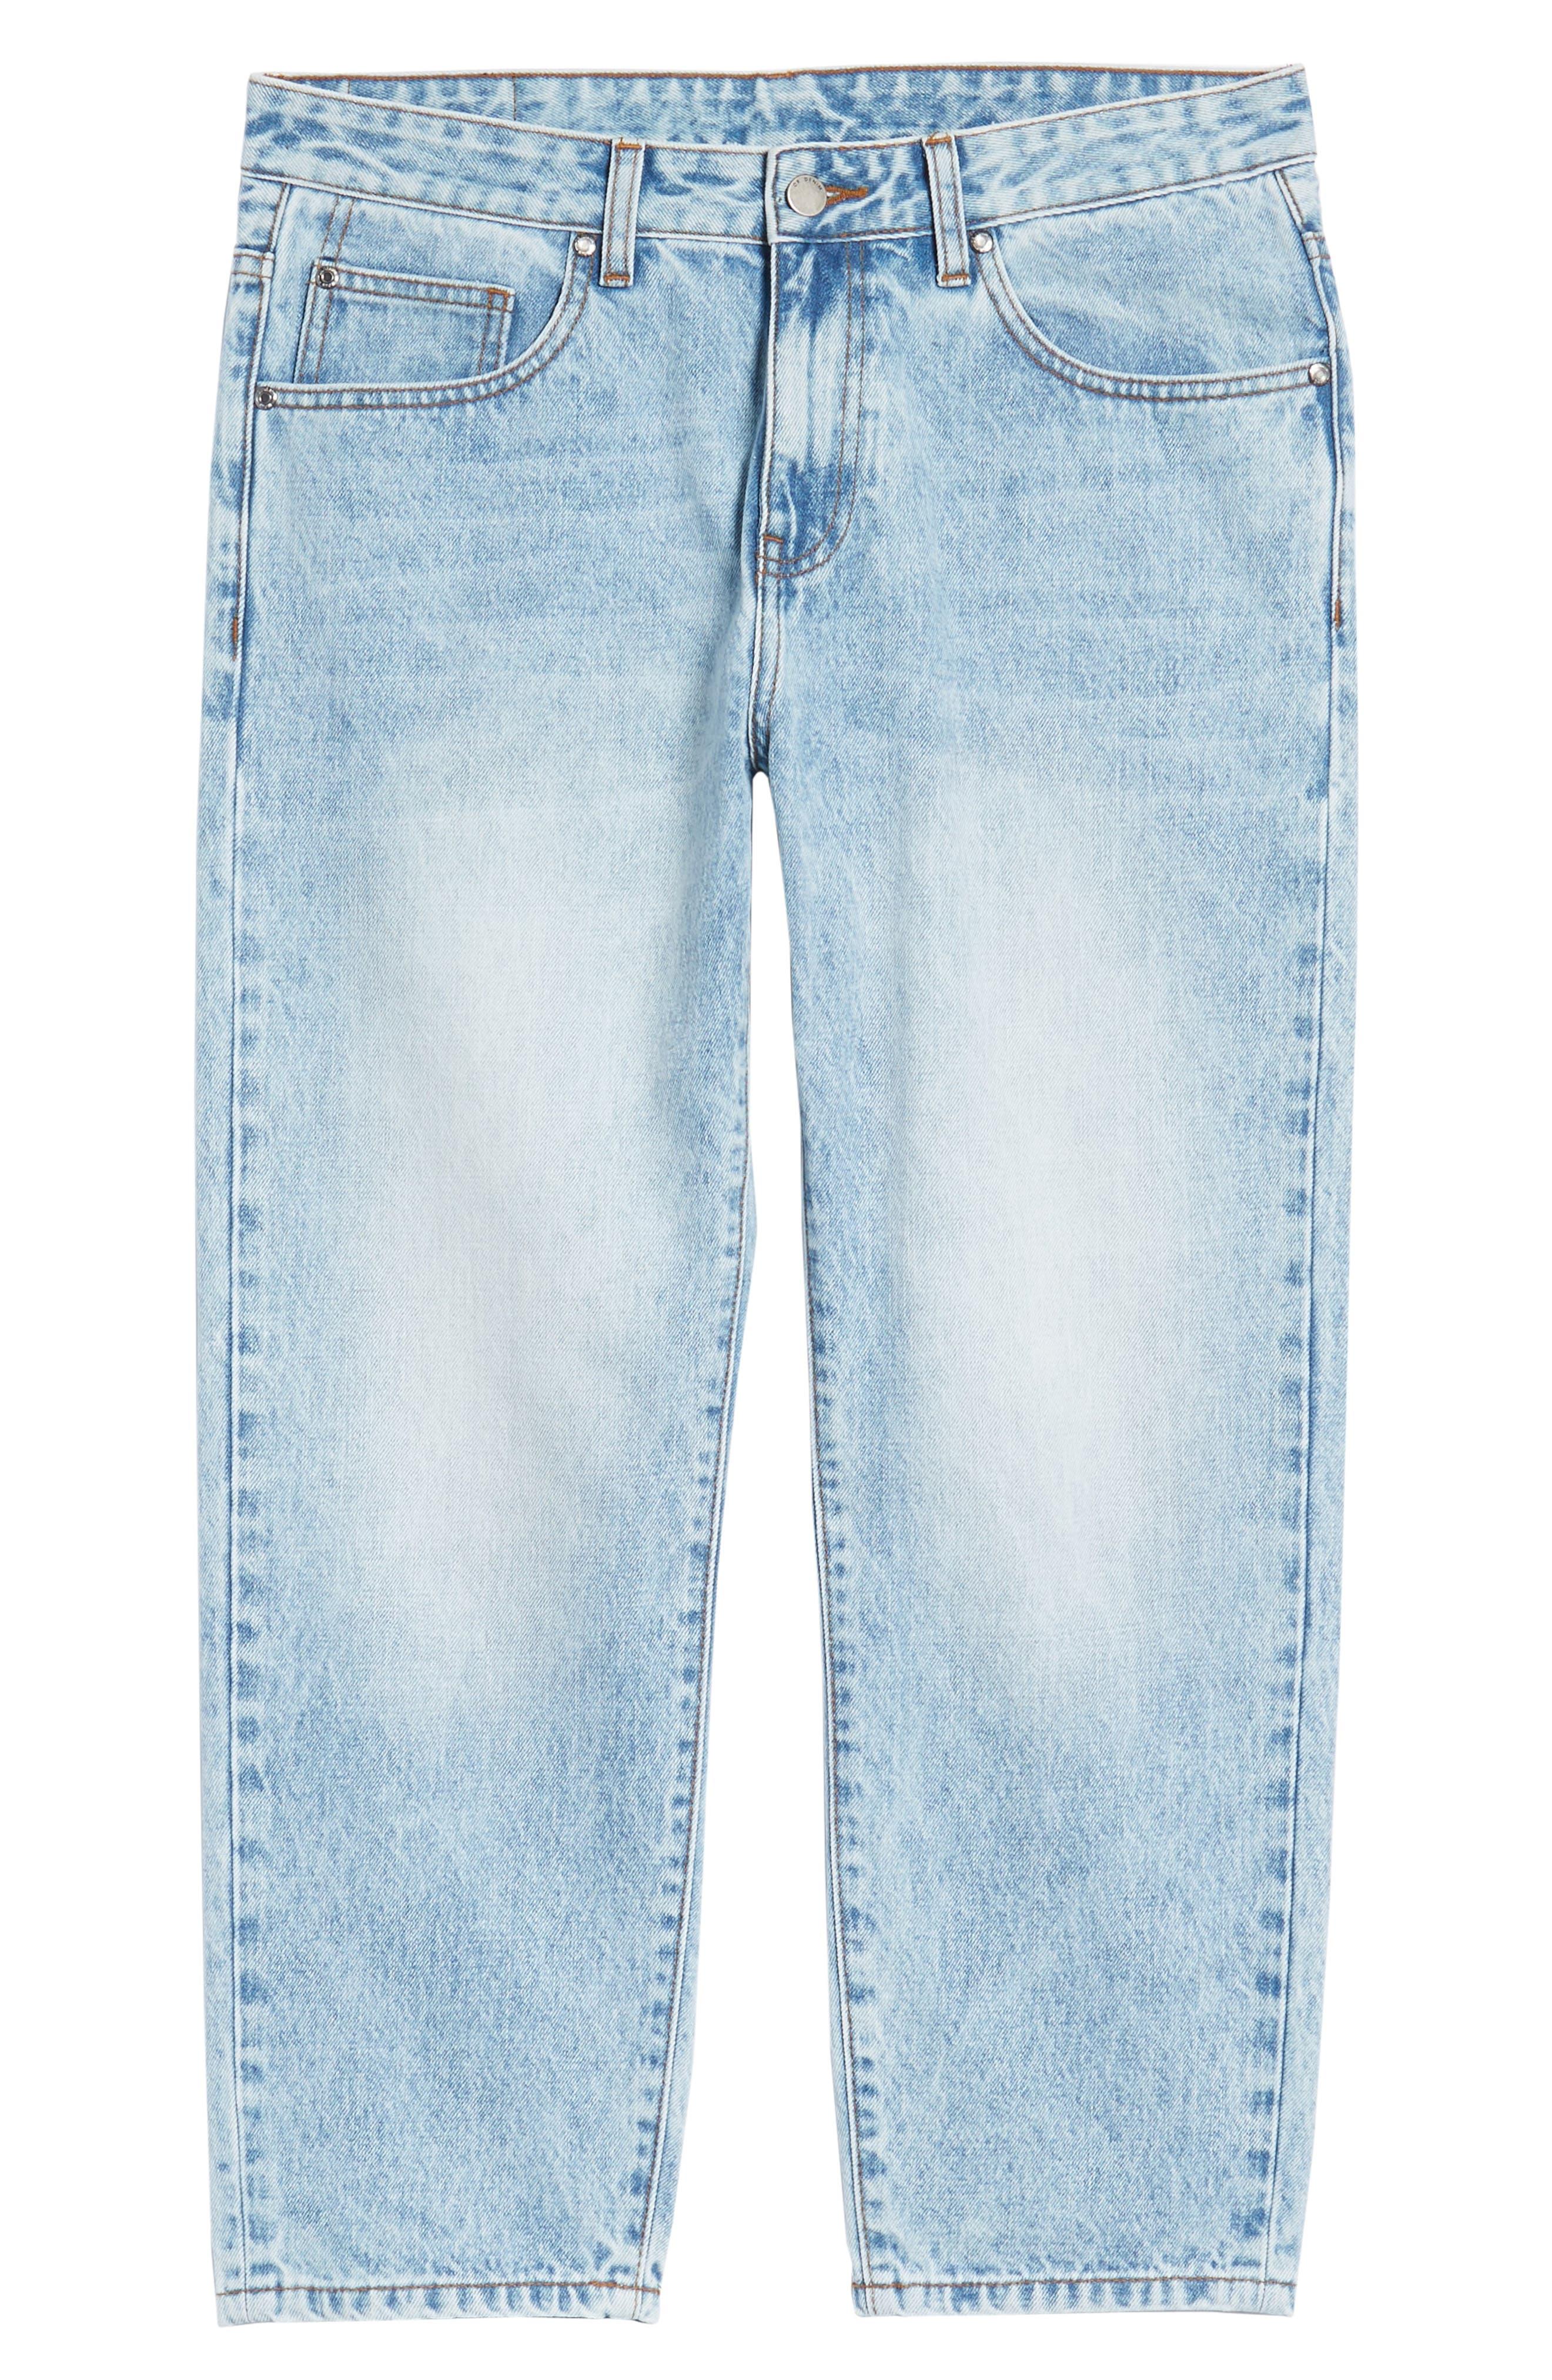 Otis Straight Leg Jeans,                             Alternate thumbnail 6, color,                             402